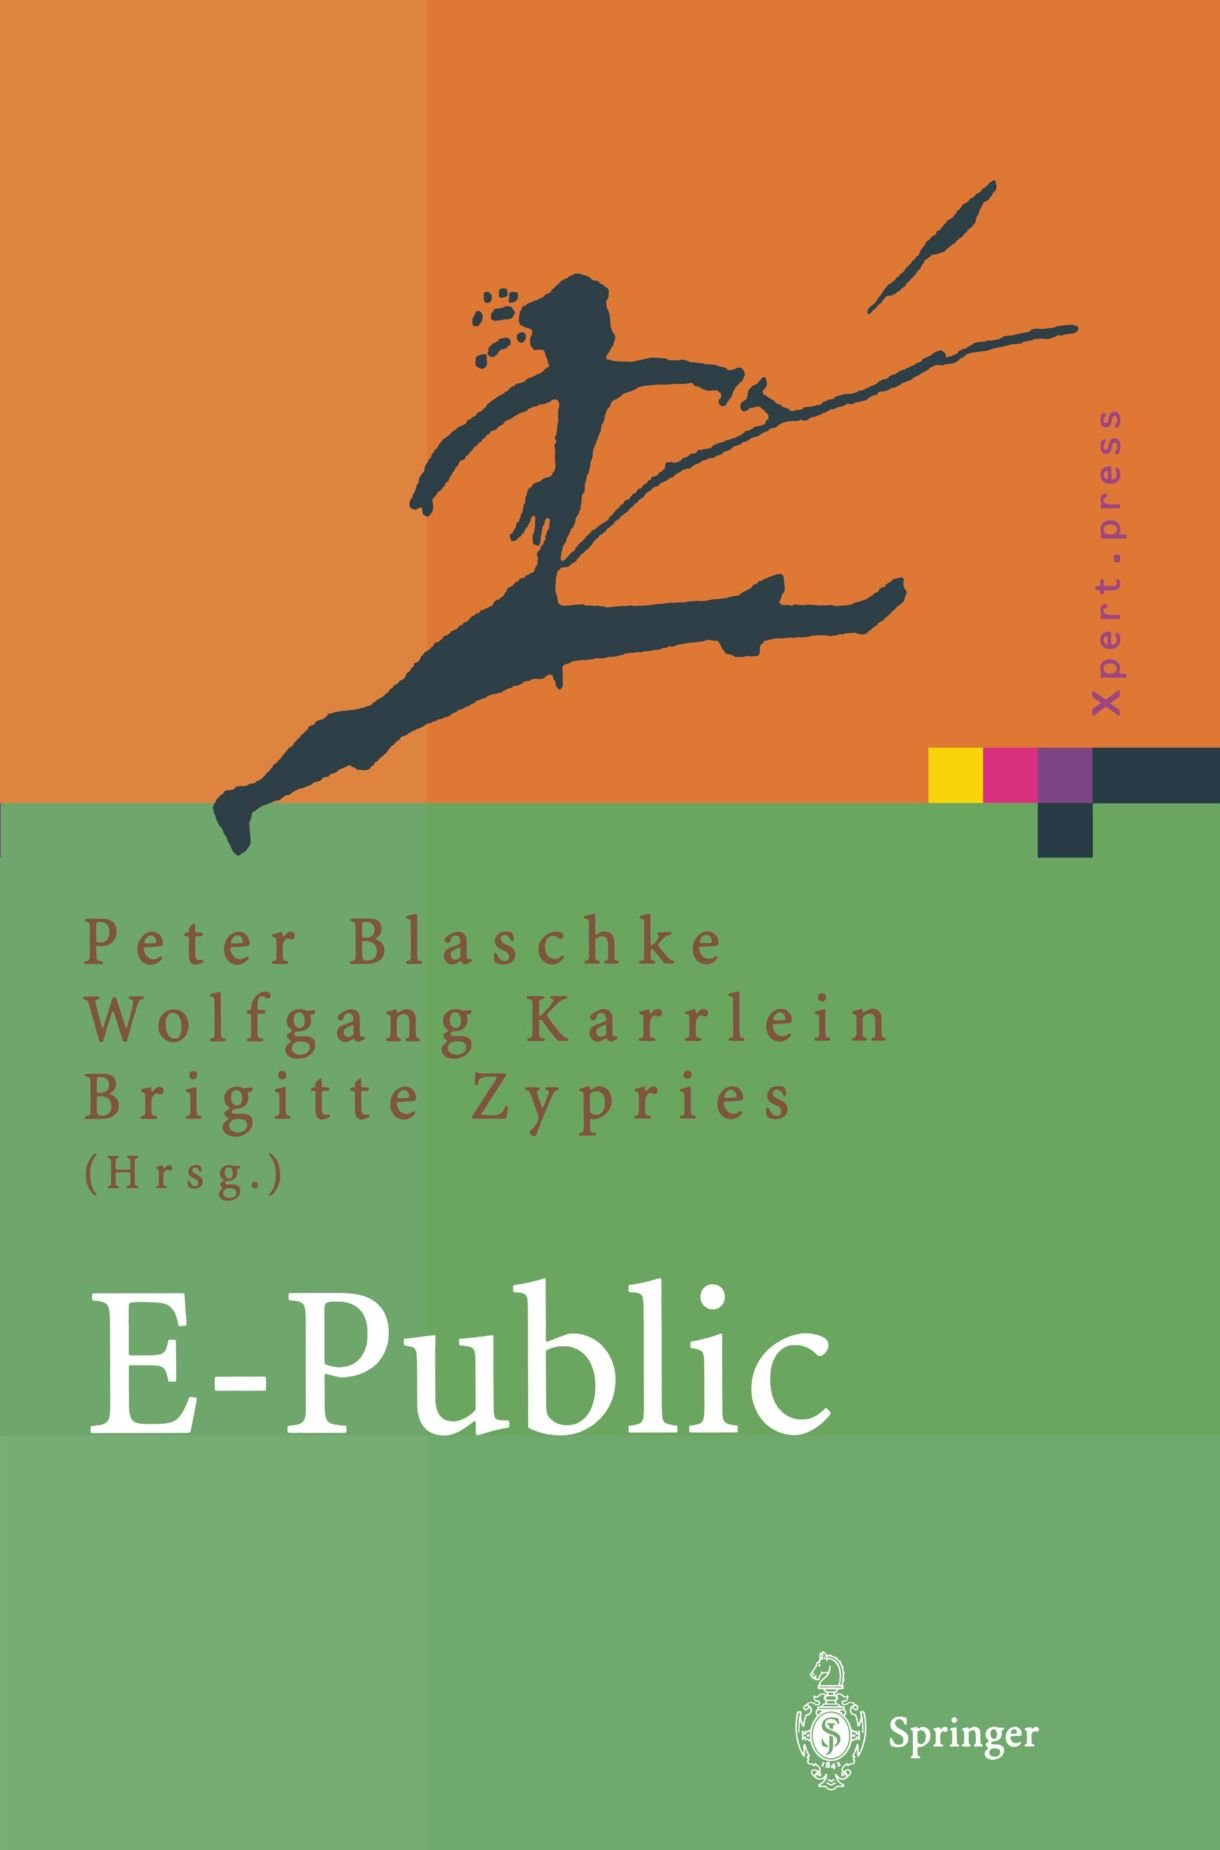 E-Public: Strategien und Potenziale des E- und Mobile Business im öffentlichen Bereich (Xpert.press)